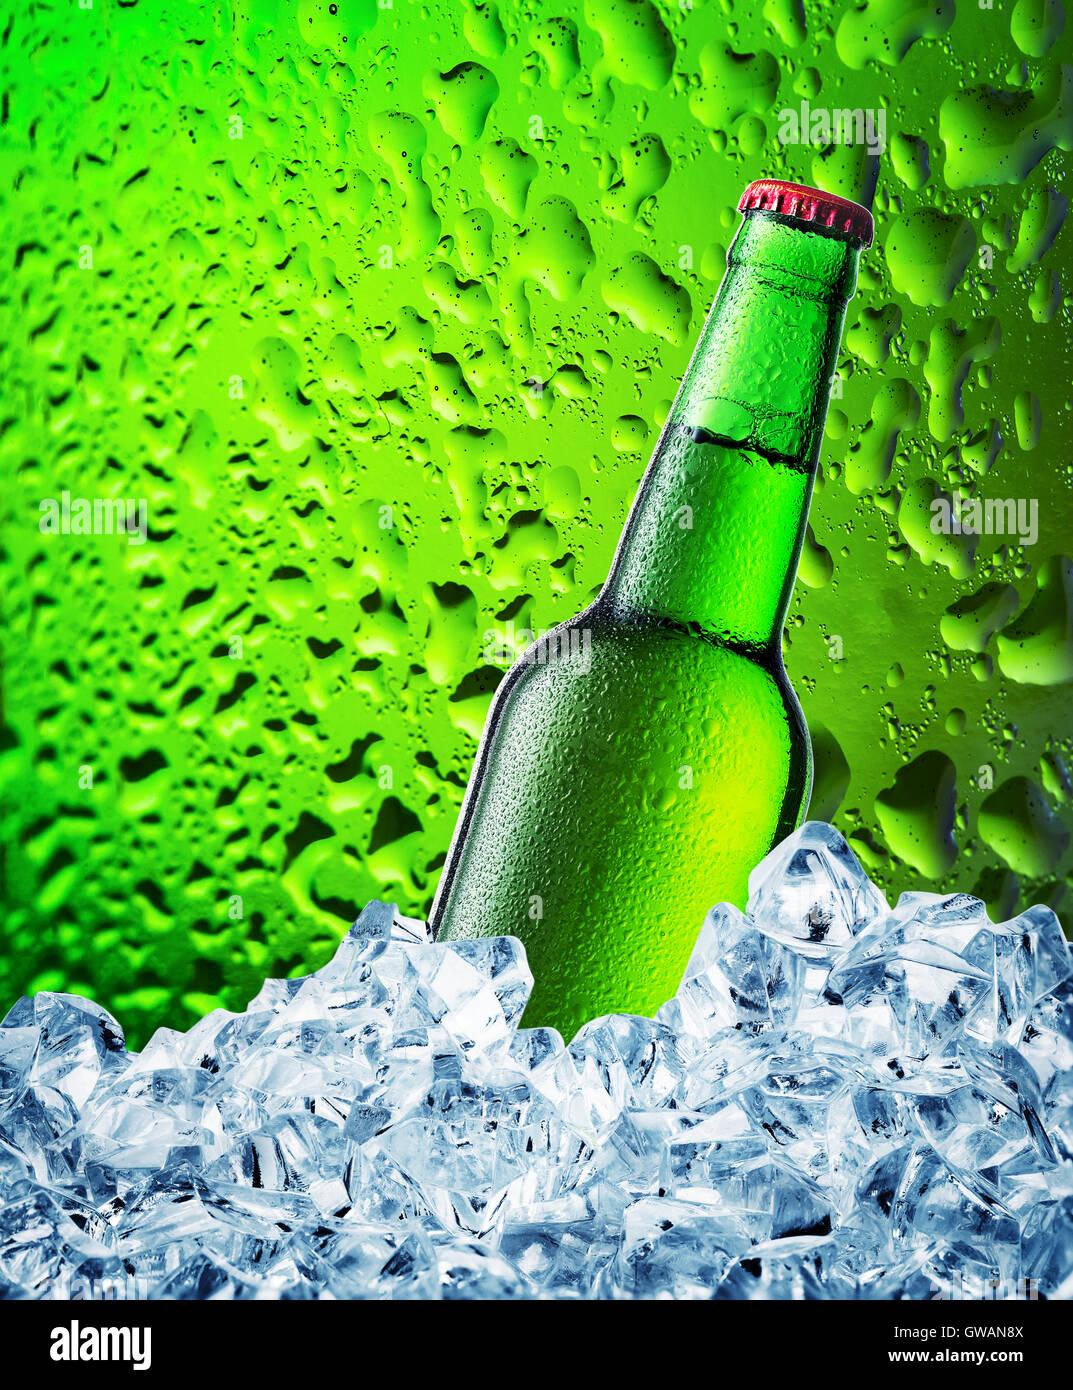 Verde Bottiglia Di Birra In Ghiaccio Su Sfondo Verde Con Gocce Foto